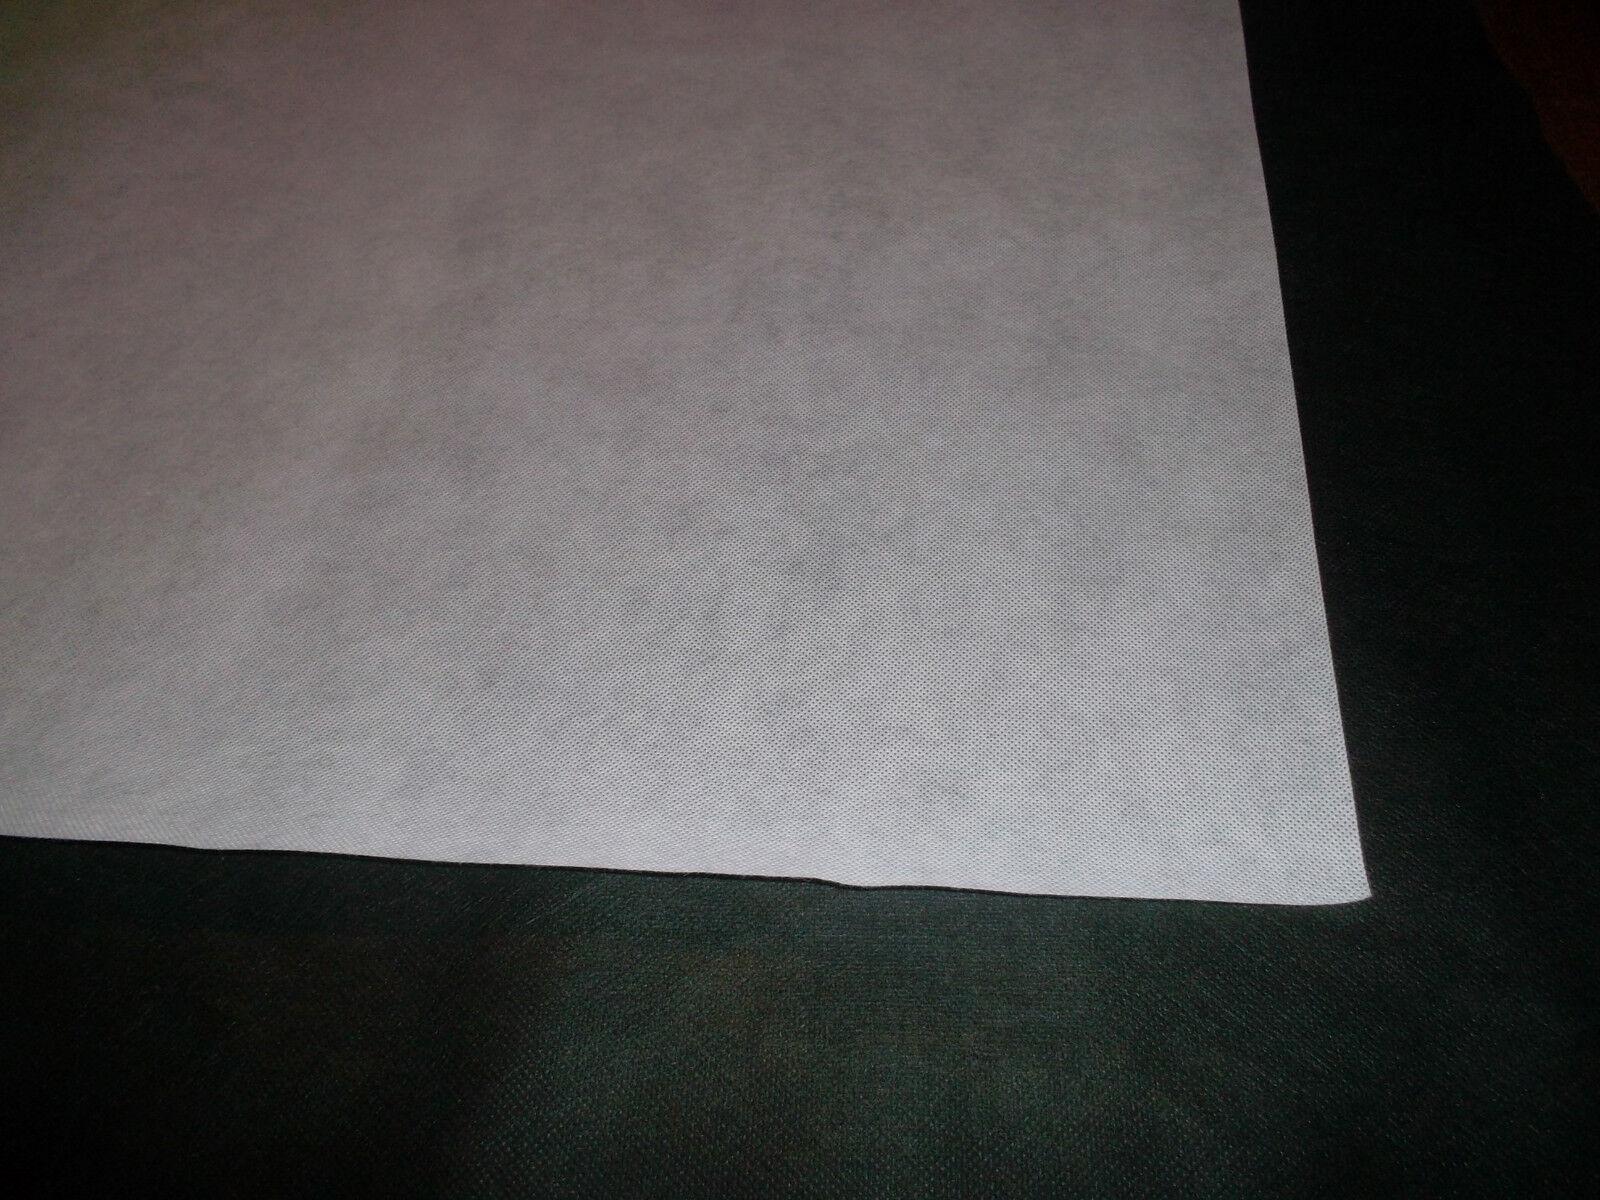 (ab 1,80M)WIGOFIL Spannvliesstoff Polstervlies Breite 160cm Weiss 15120grm2